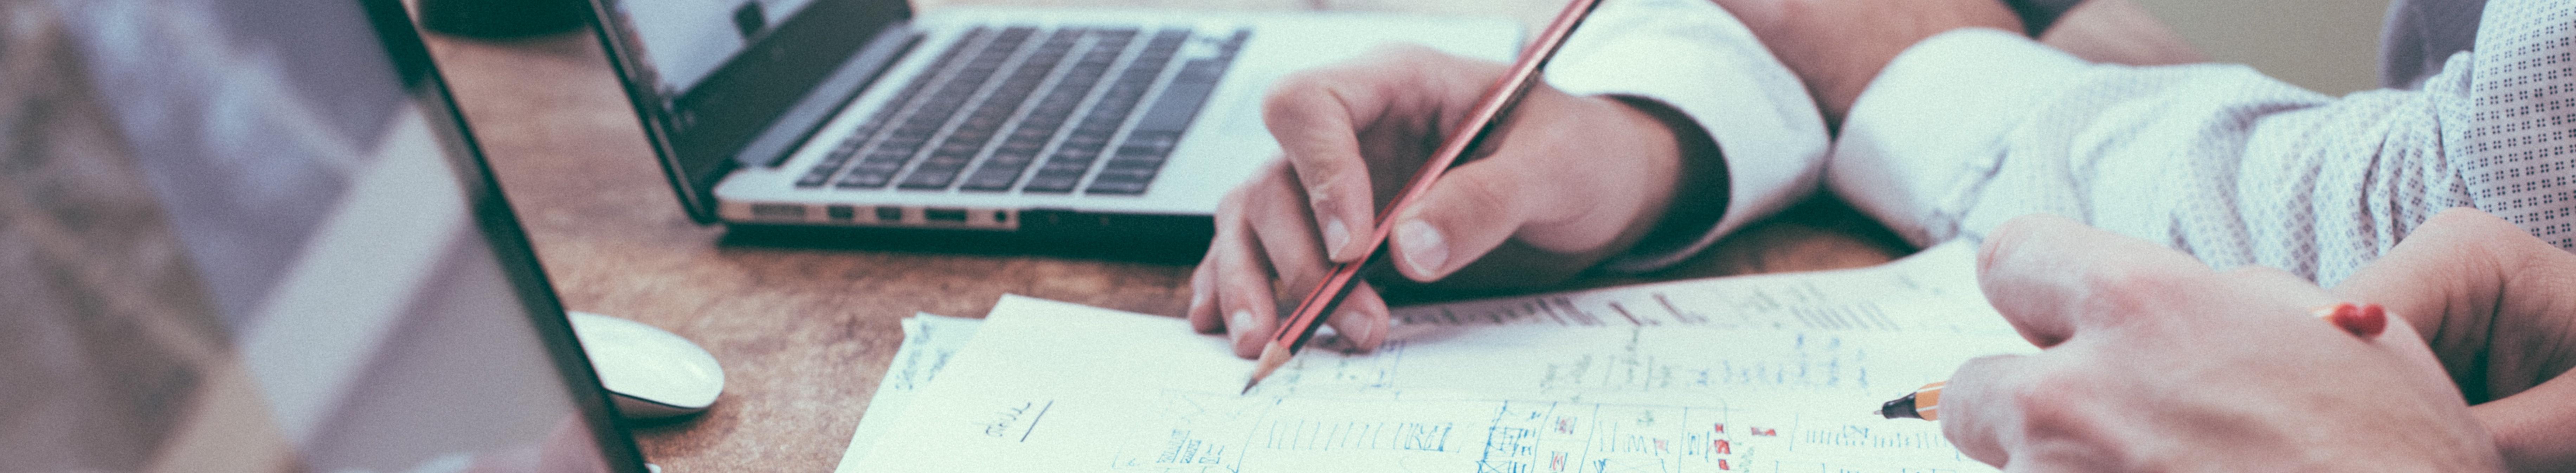 Brainstorming on Paper IMage by Scott Graham von unsplash